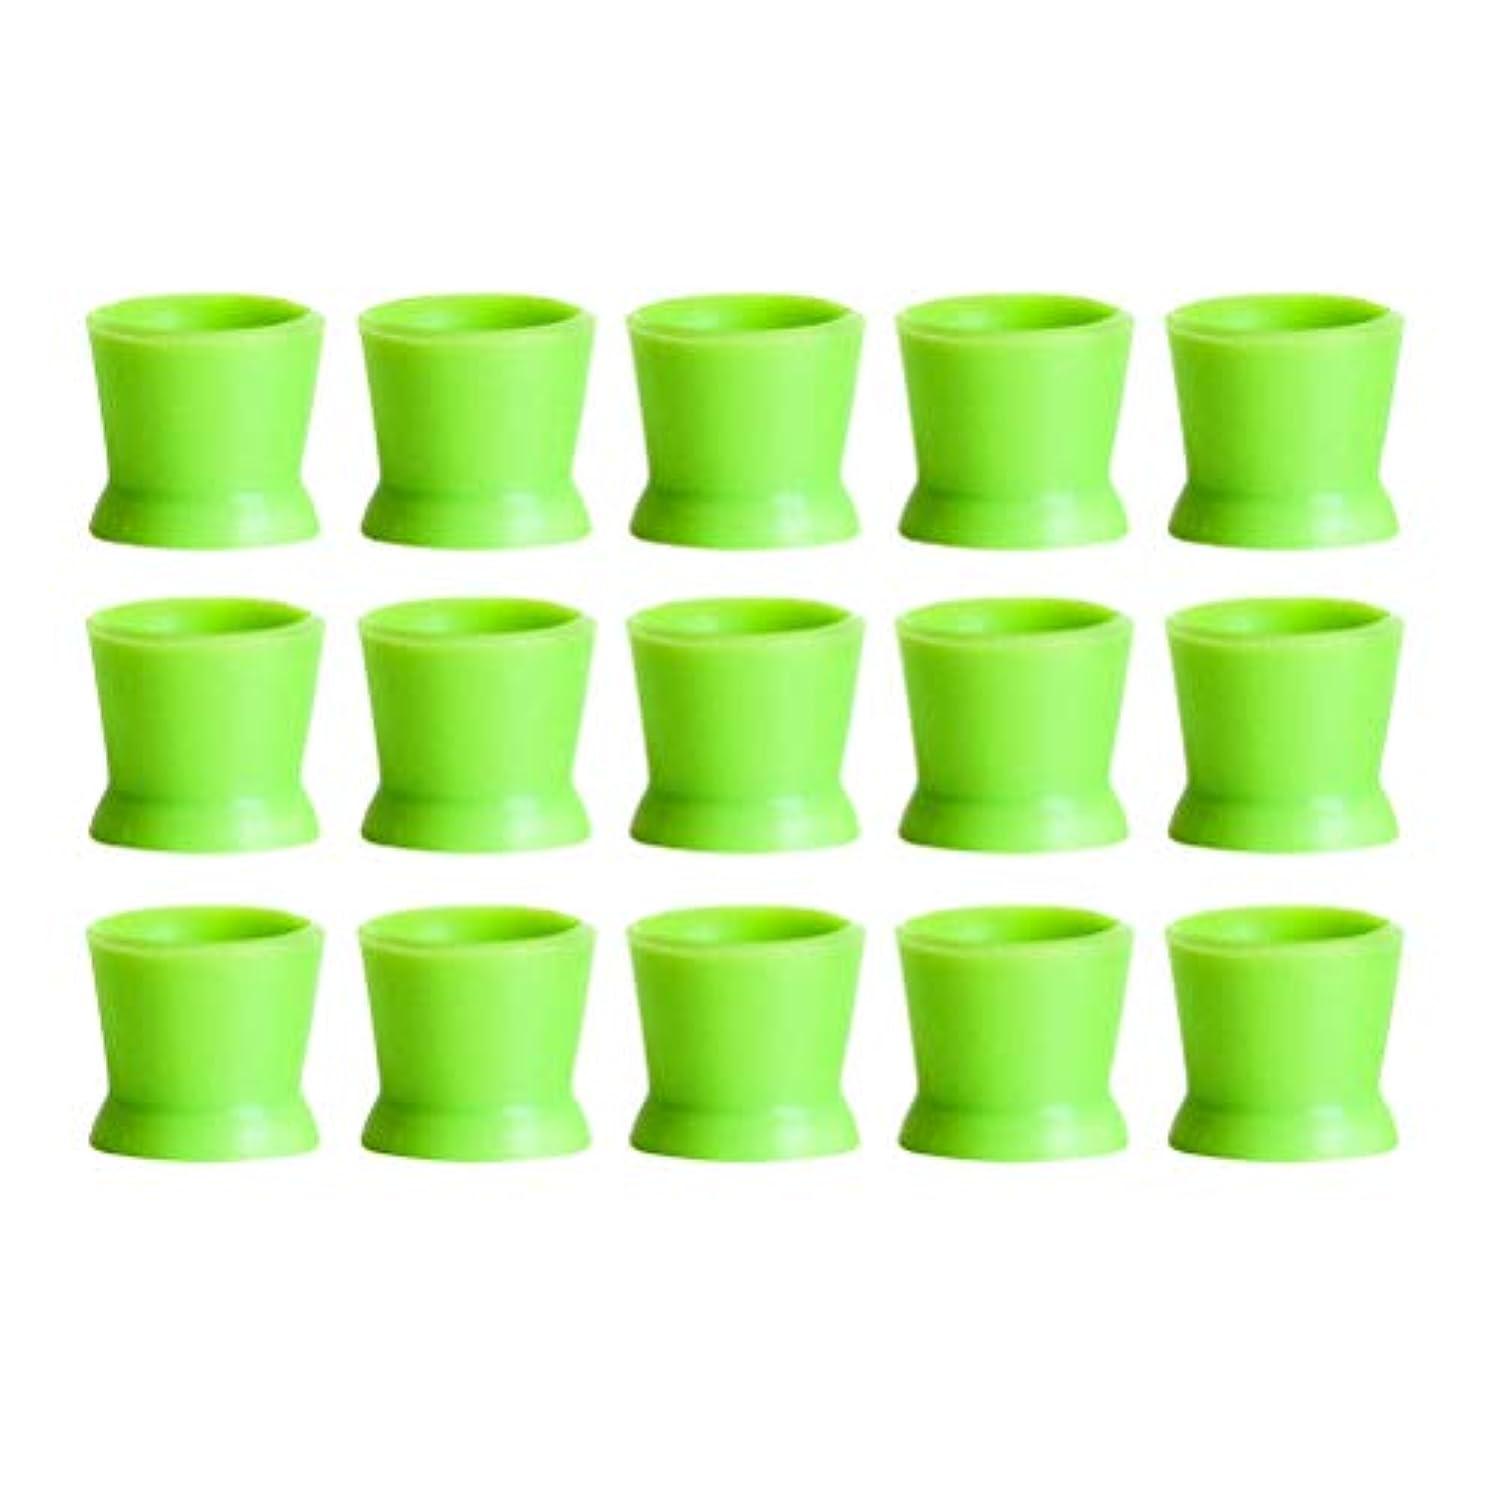 絡み合い驚いた構成するHealifty 300PCSシリコンタトゥーインクカップ使い捨てマイクロブレーディングピグメントキャップホルダーコンテナ永久的なまつげメイクアップアイブロー(グリーン)